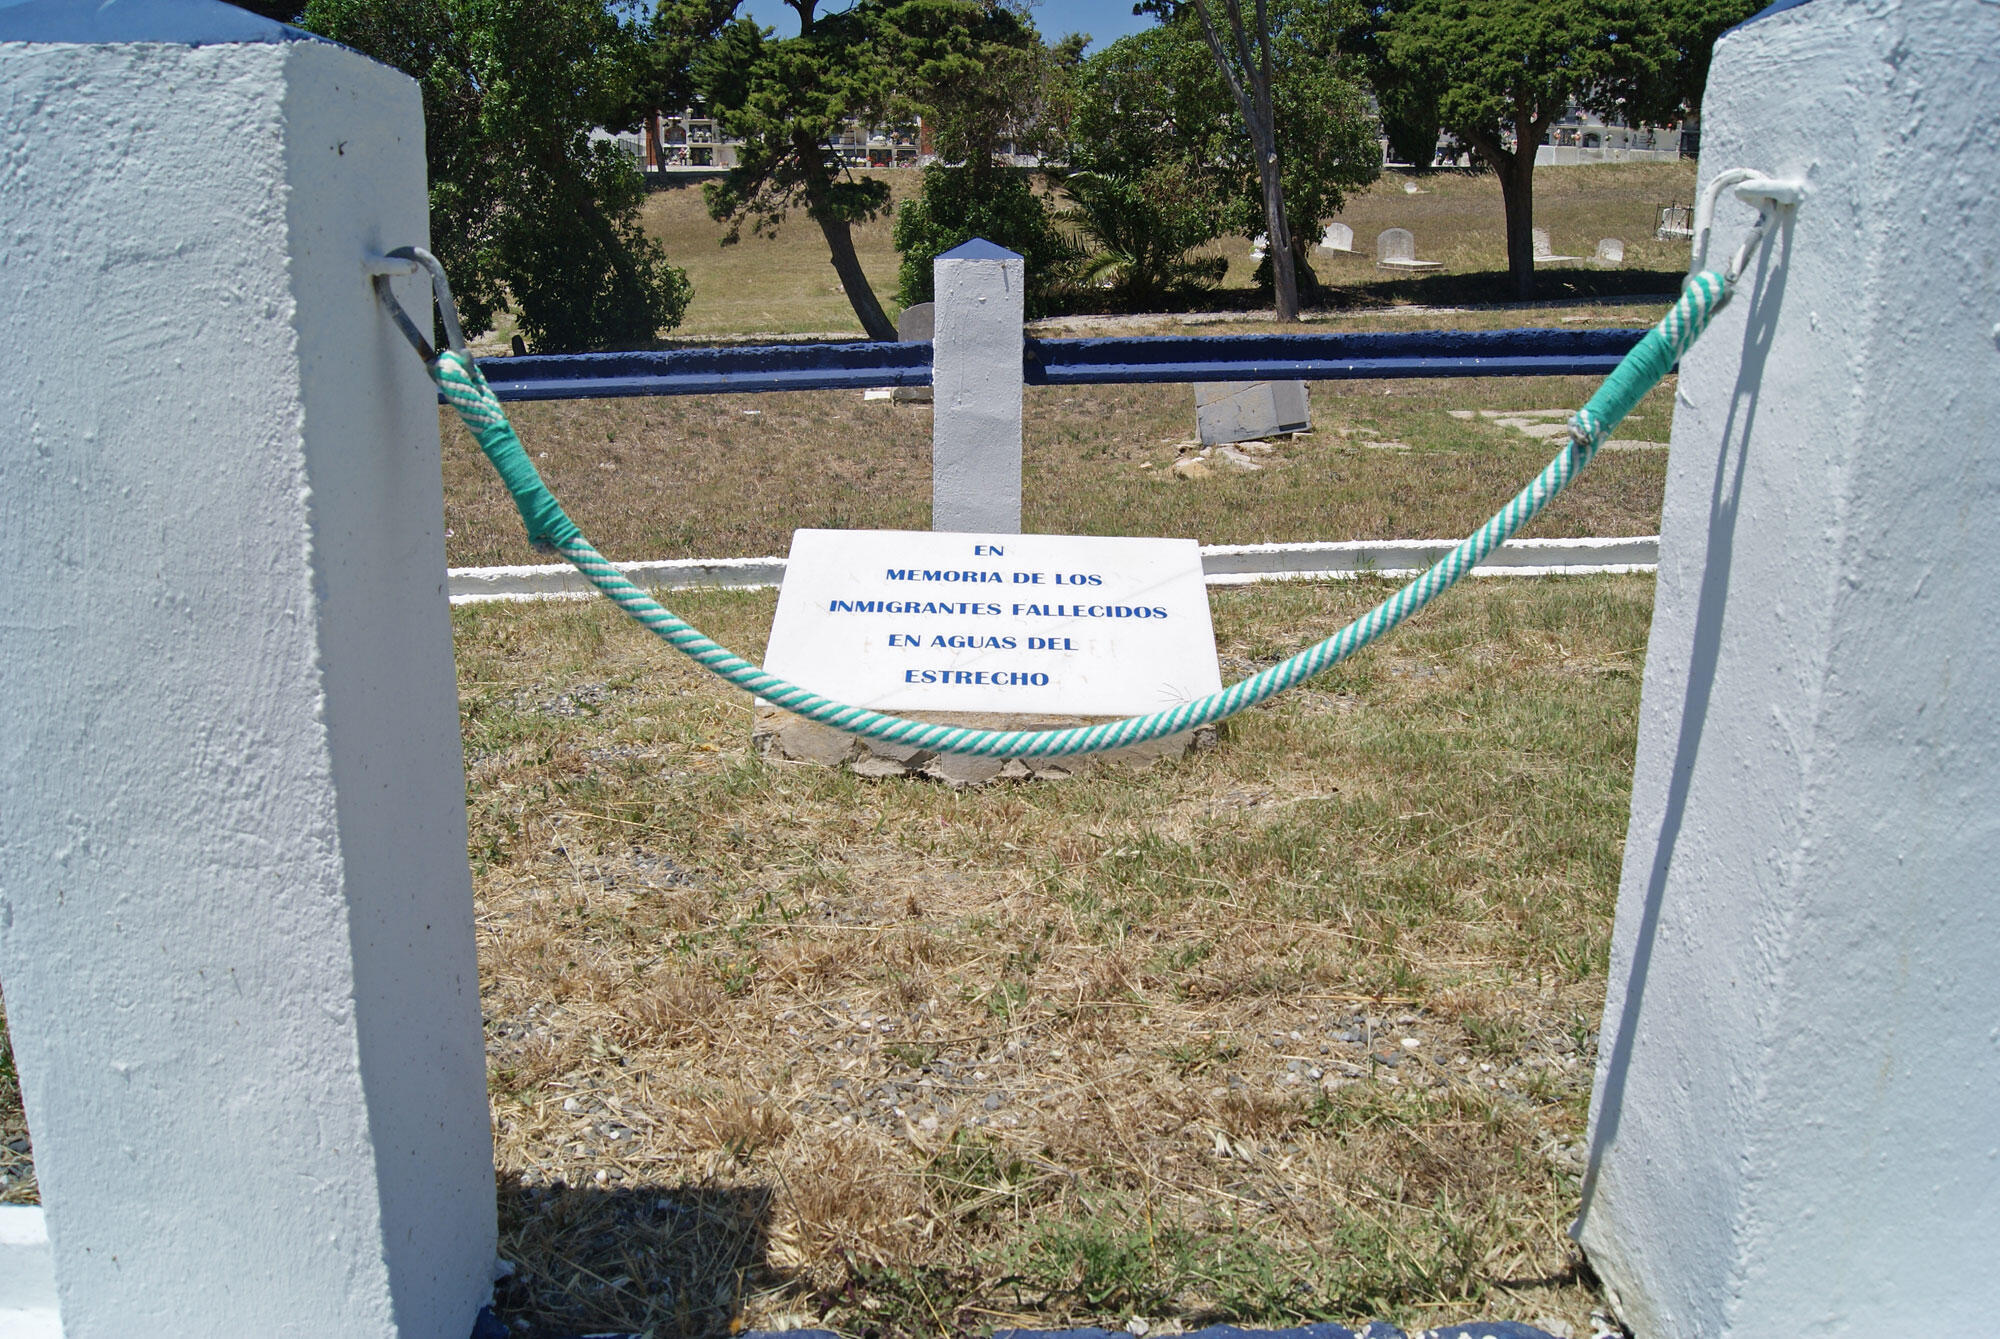 La fosse commune du cimetière de Tarifa où sont enterrés les corps que personne n'a réclamé. Sur la plaque commémorative, l'inscription suivante: «En mémoire des migrants disparus dans le détroit de Gibraltar».